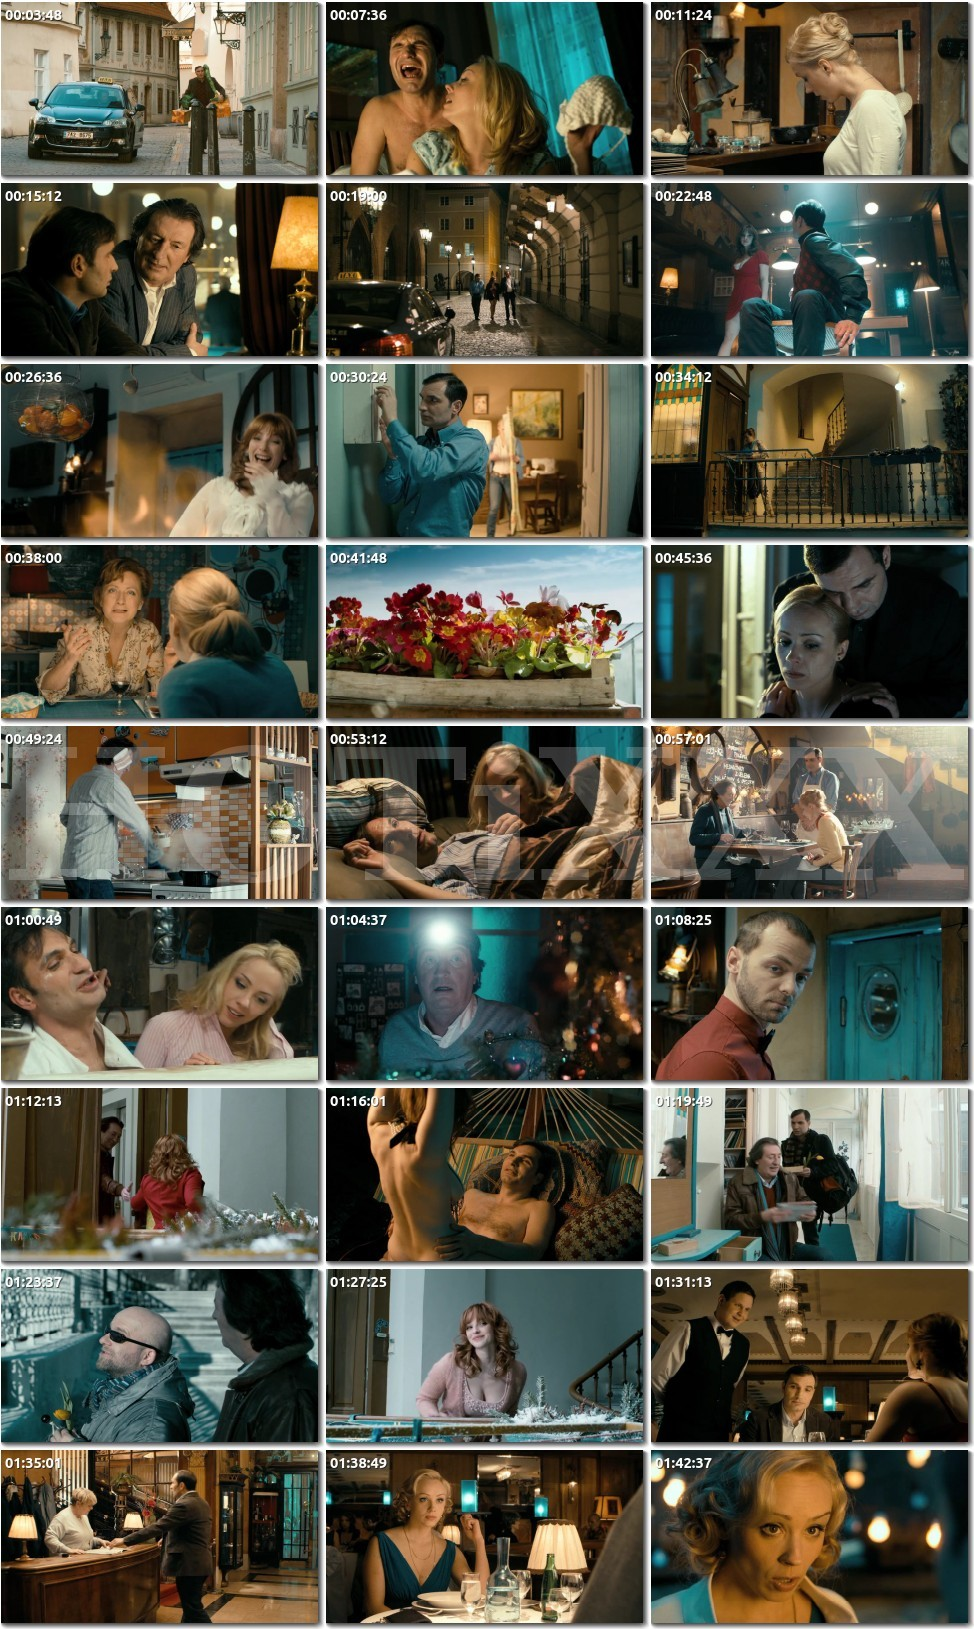 smotret-eroticheskiy-polnometrazhniy-porno-film